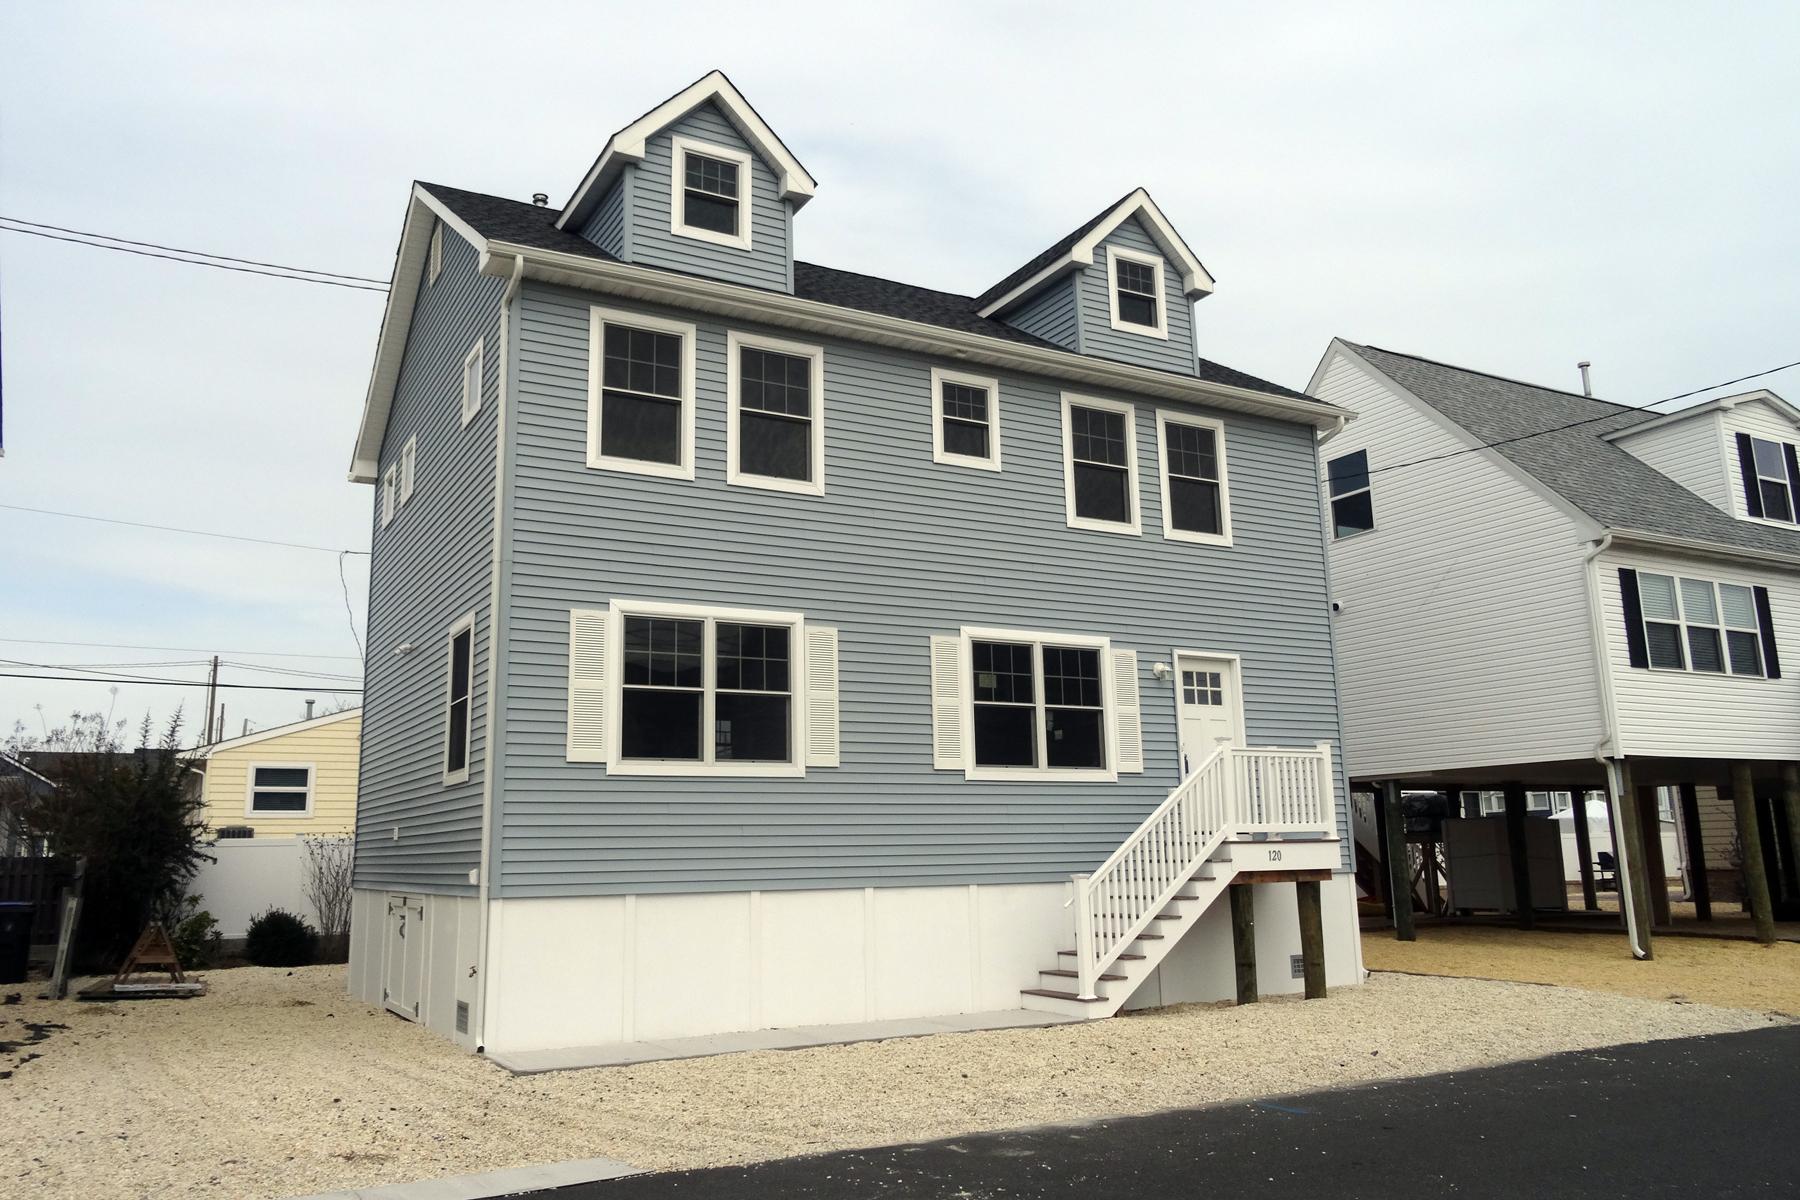 Частный односемейный дом для того Продажа на Newly Constructed Sunset Manor Shore Colonial 120 Kathryn Street Lavallette, Нью-Джерси 08735 Соединенные Штаты